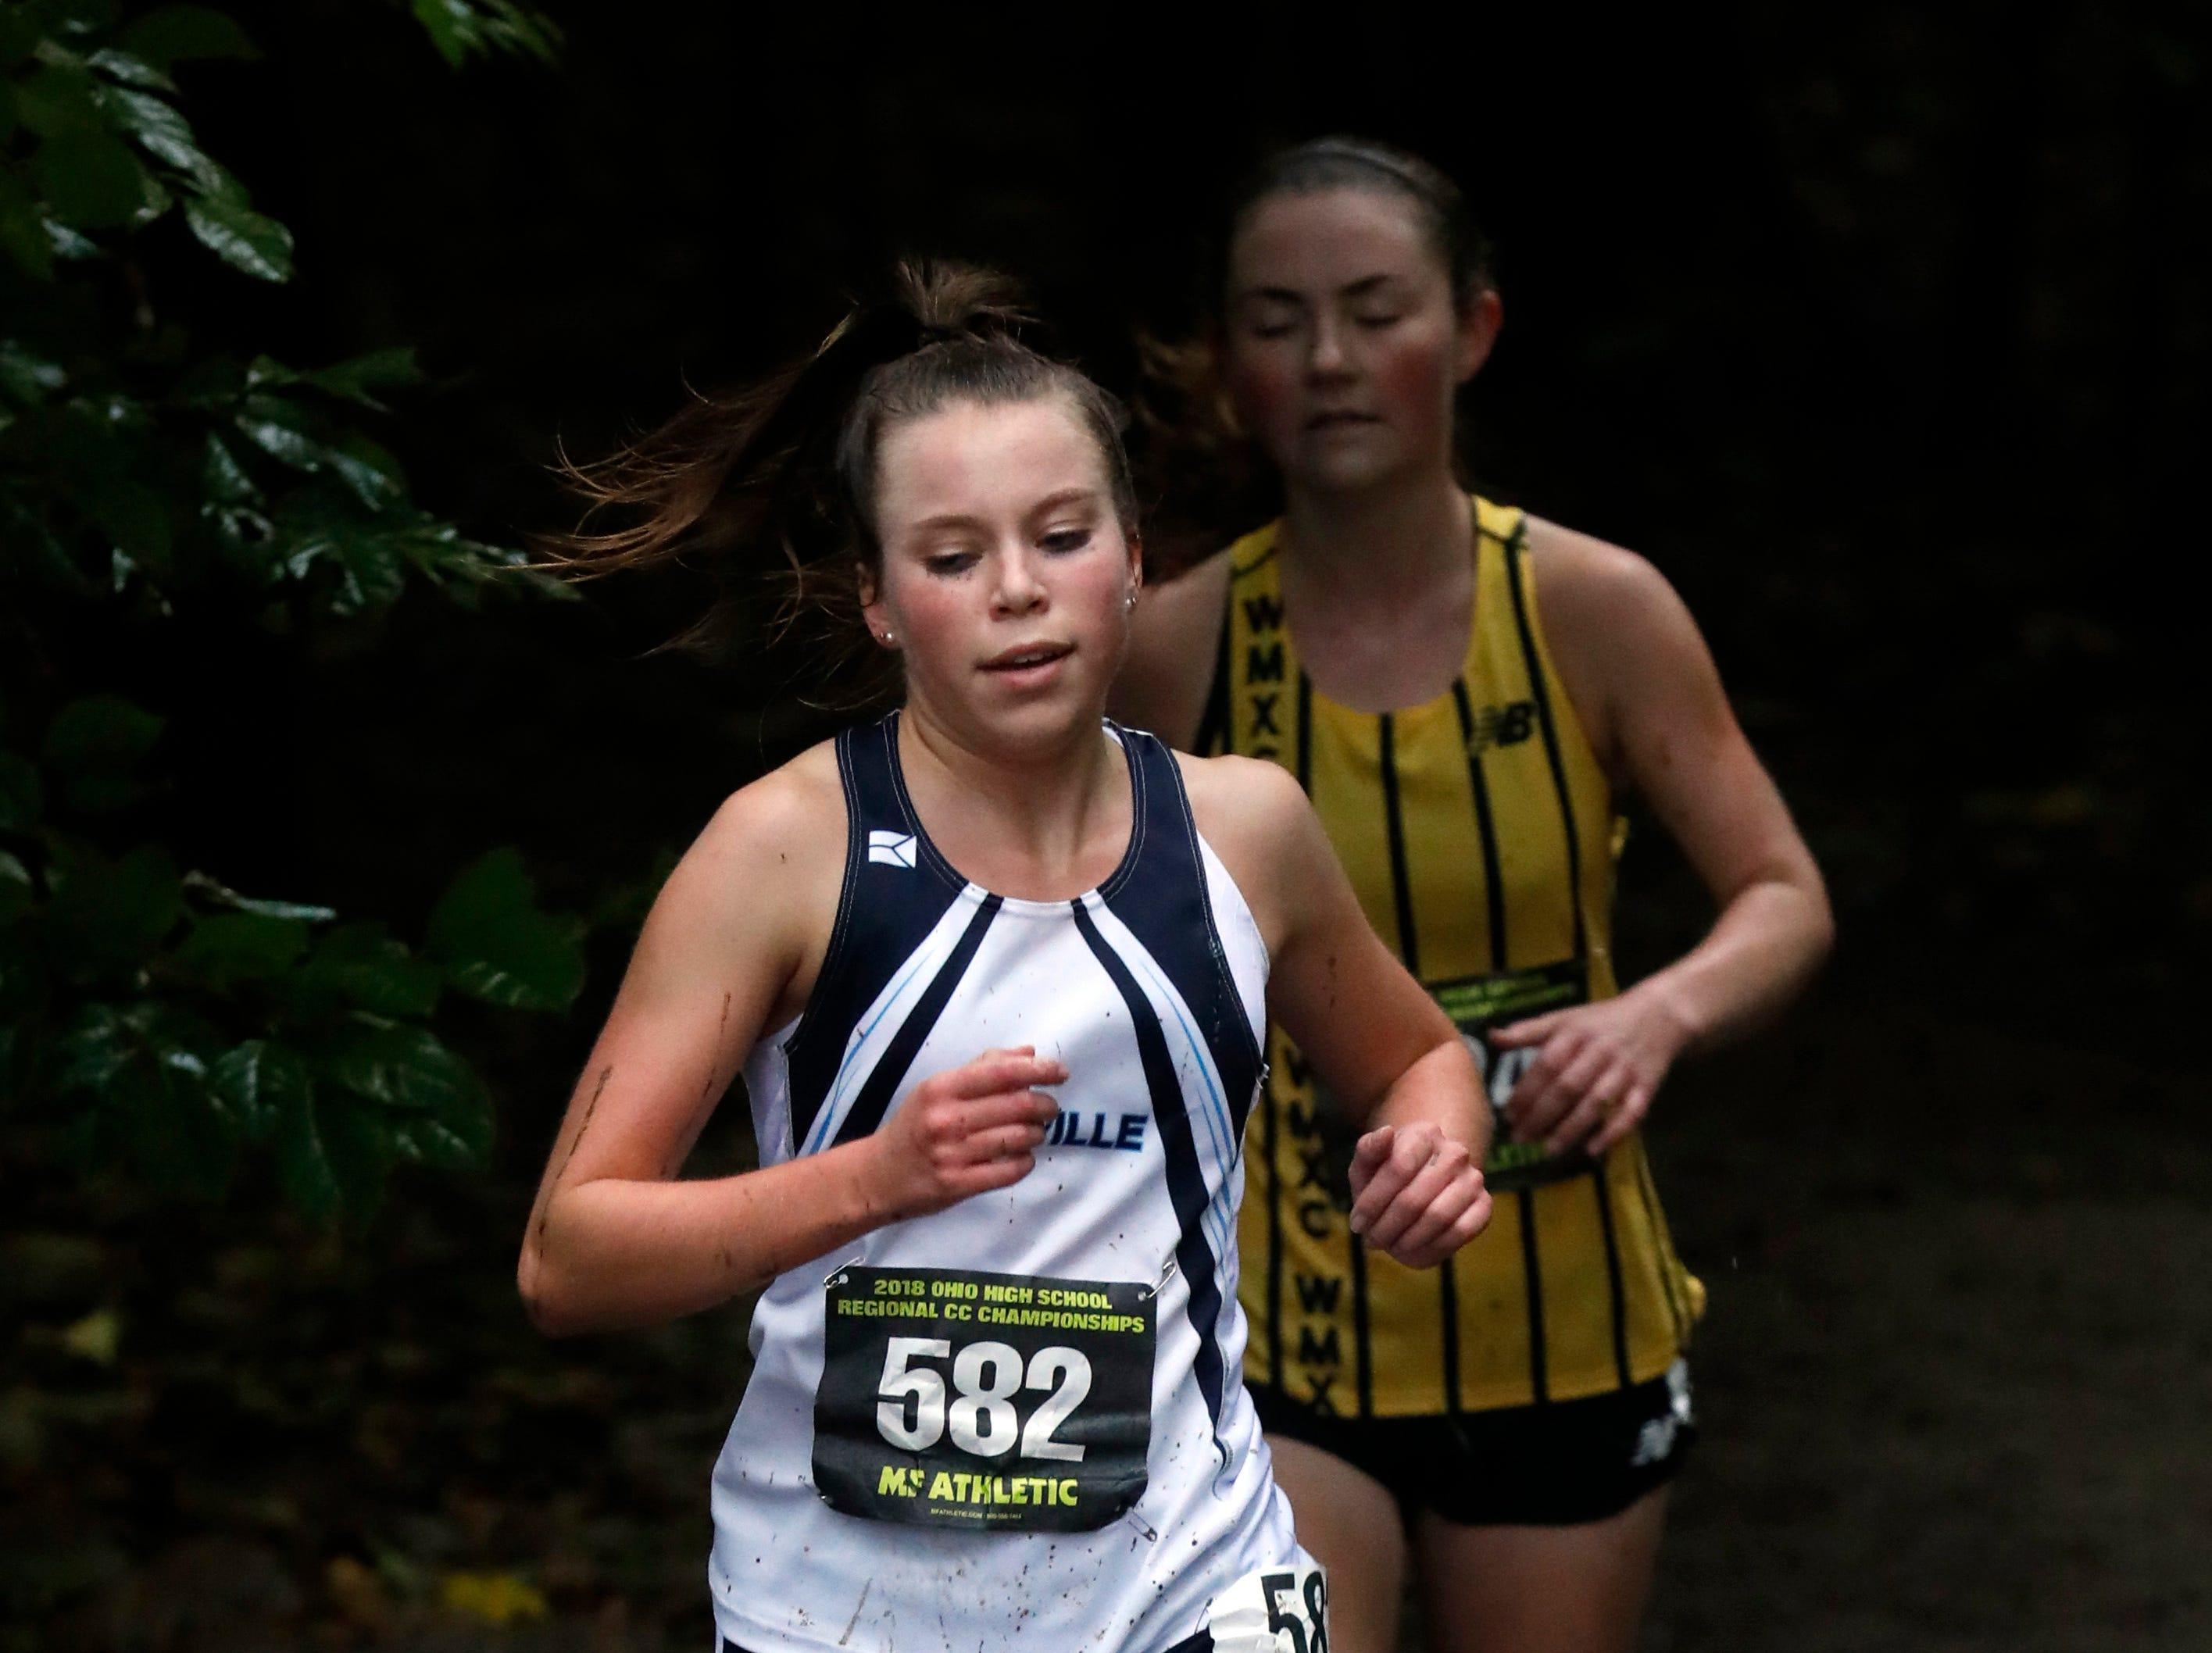 Granville senior Alyssa Christian runs in the Regional Cross Country meet Saturday at Pickerington North High School.